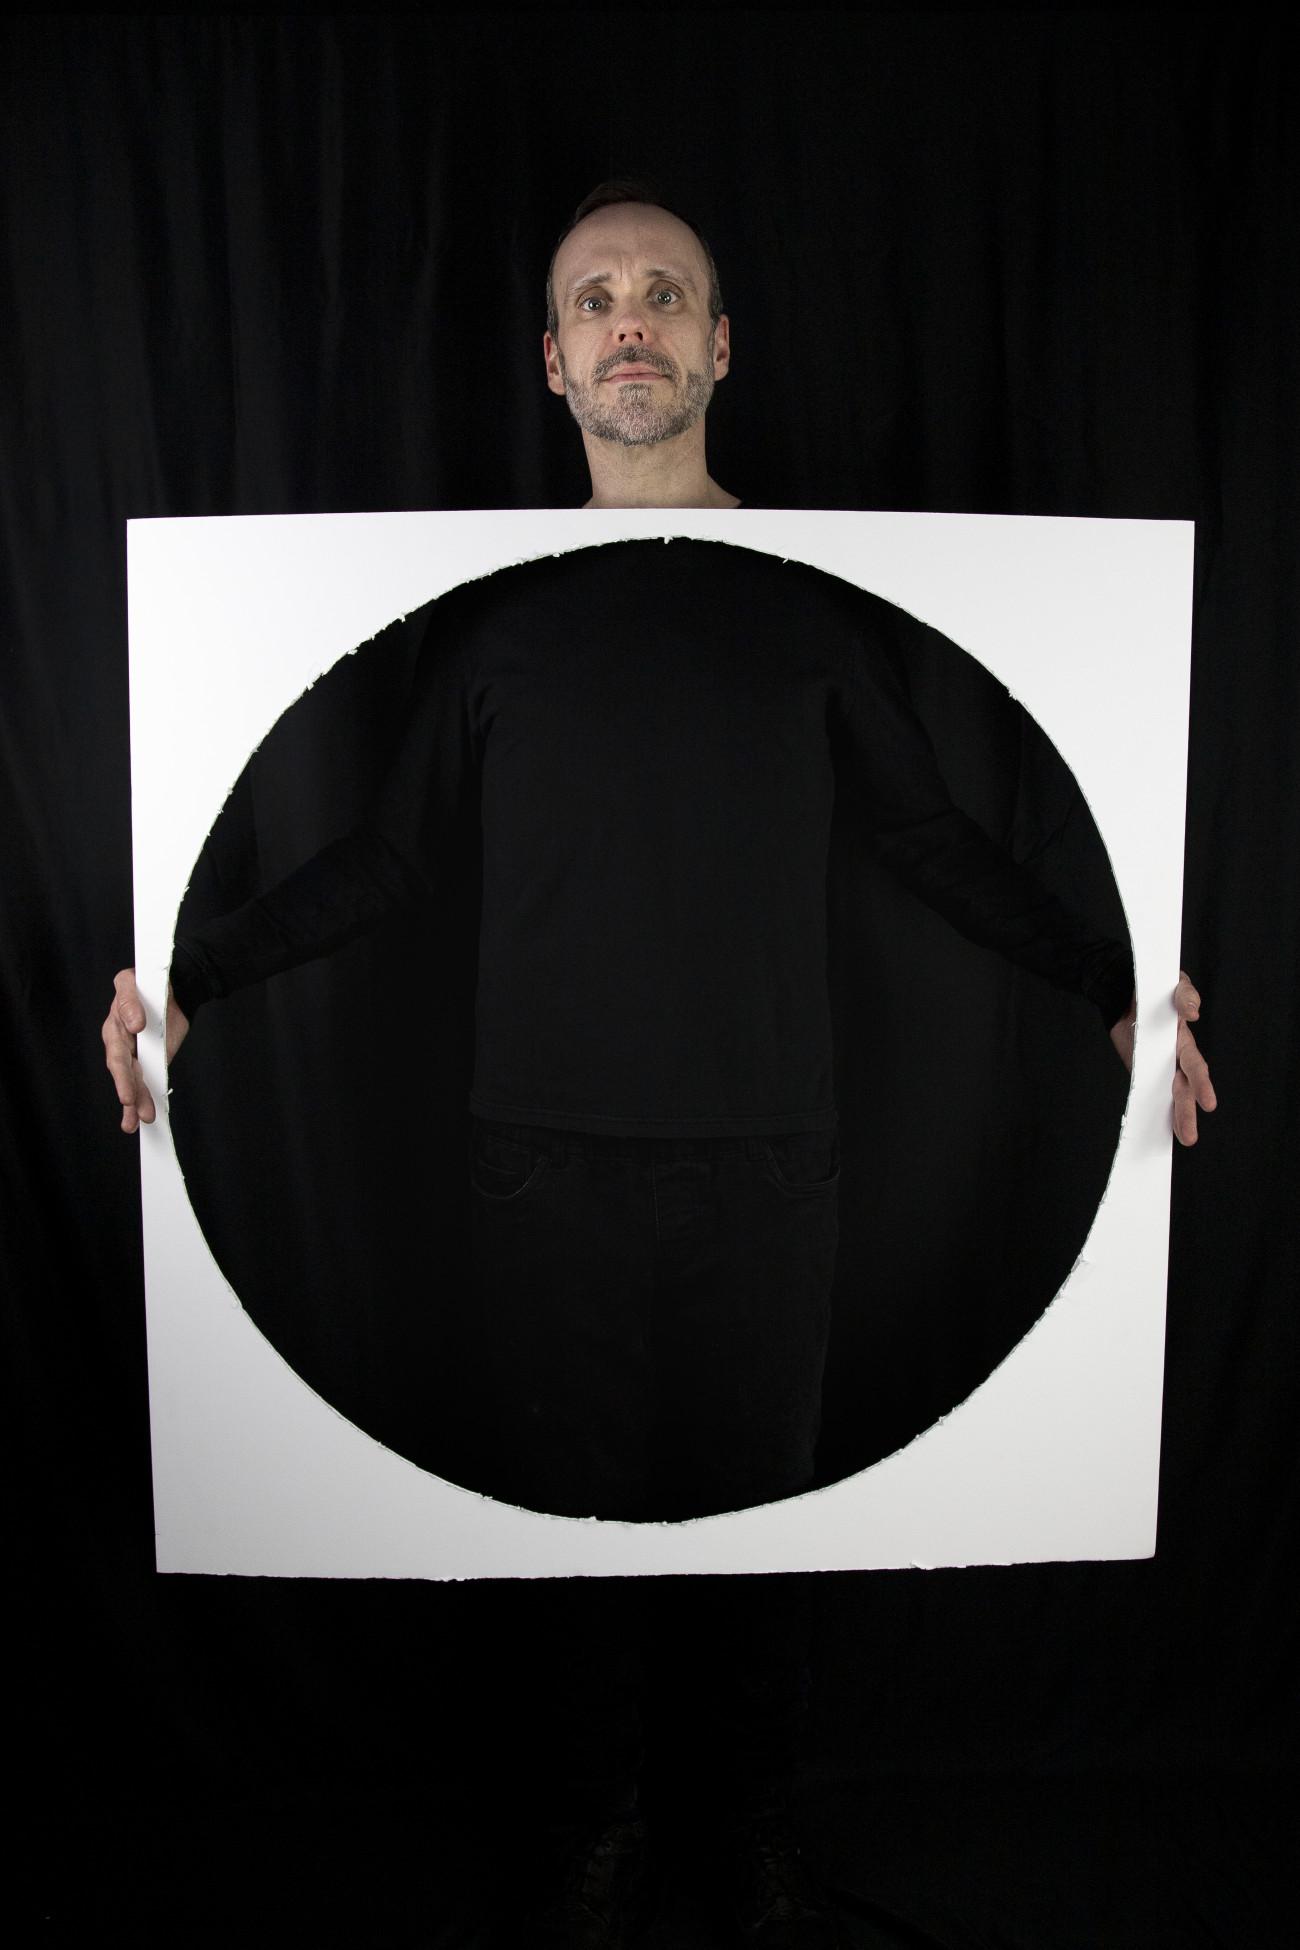 """Steve Giasson. Performance invisible n° 214 (Méditer rien). D'après Kō Nakajima. Yutaka Matsuzawa with """"White Circle"""". 1969. Performeur : Steve Giasson. Crédit photographique : Martin Vinette. Retouches photographiques : Daniel Roy. 23 janvier 2021."""